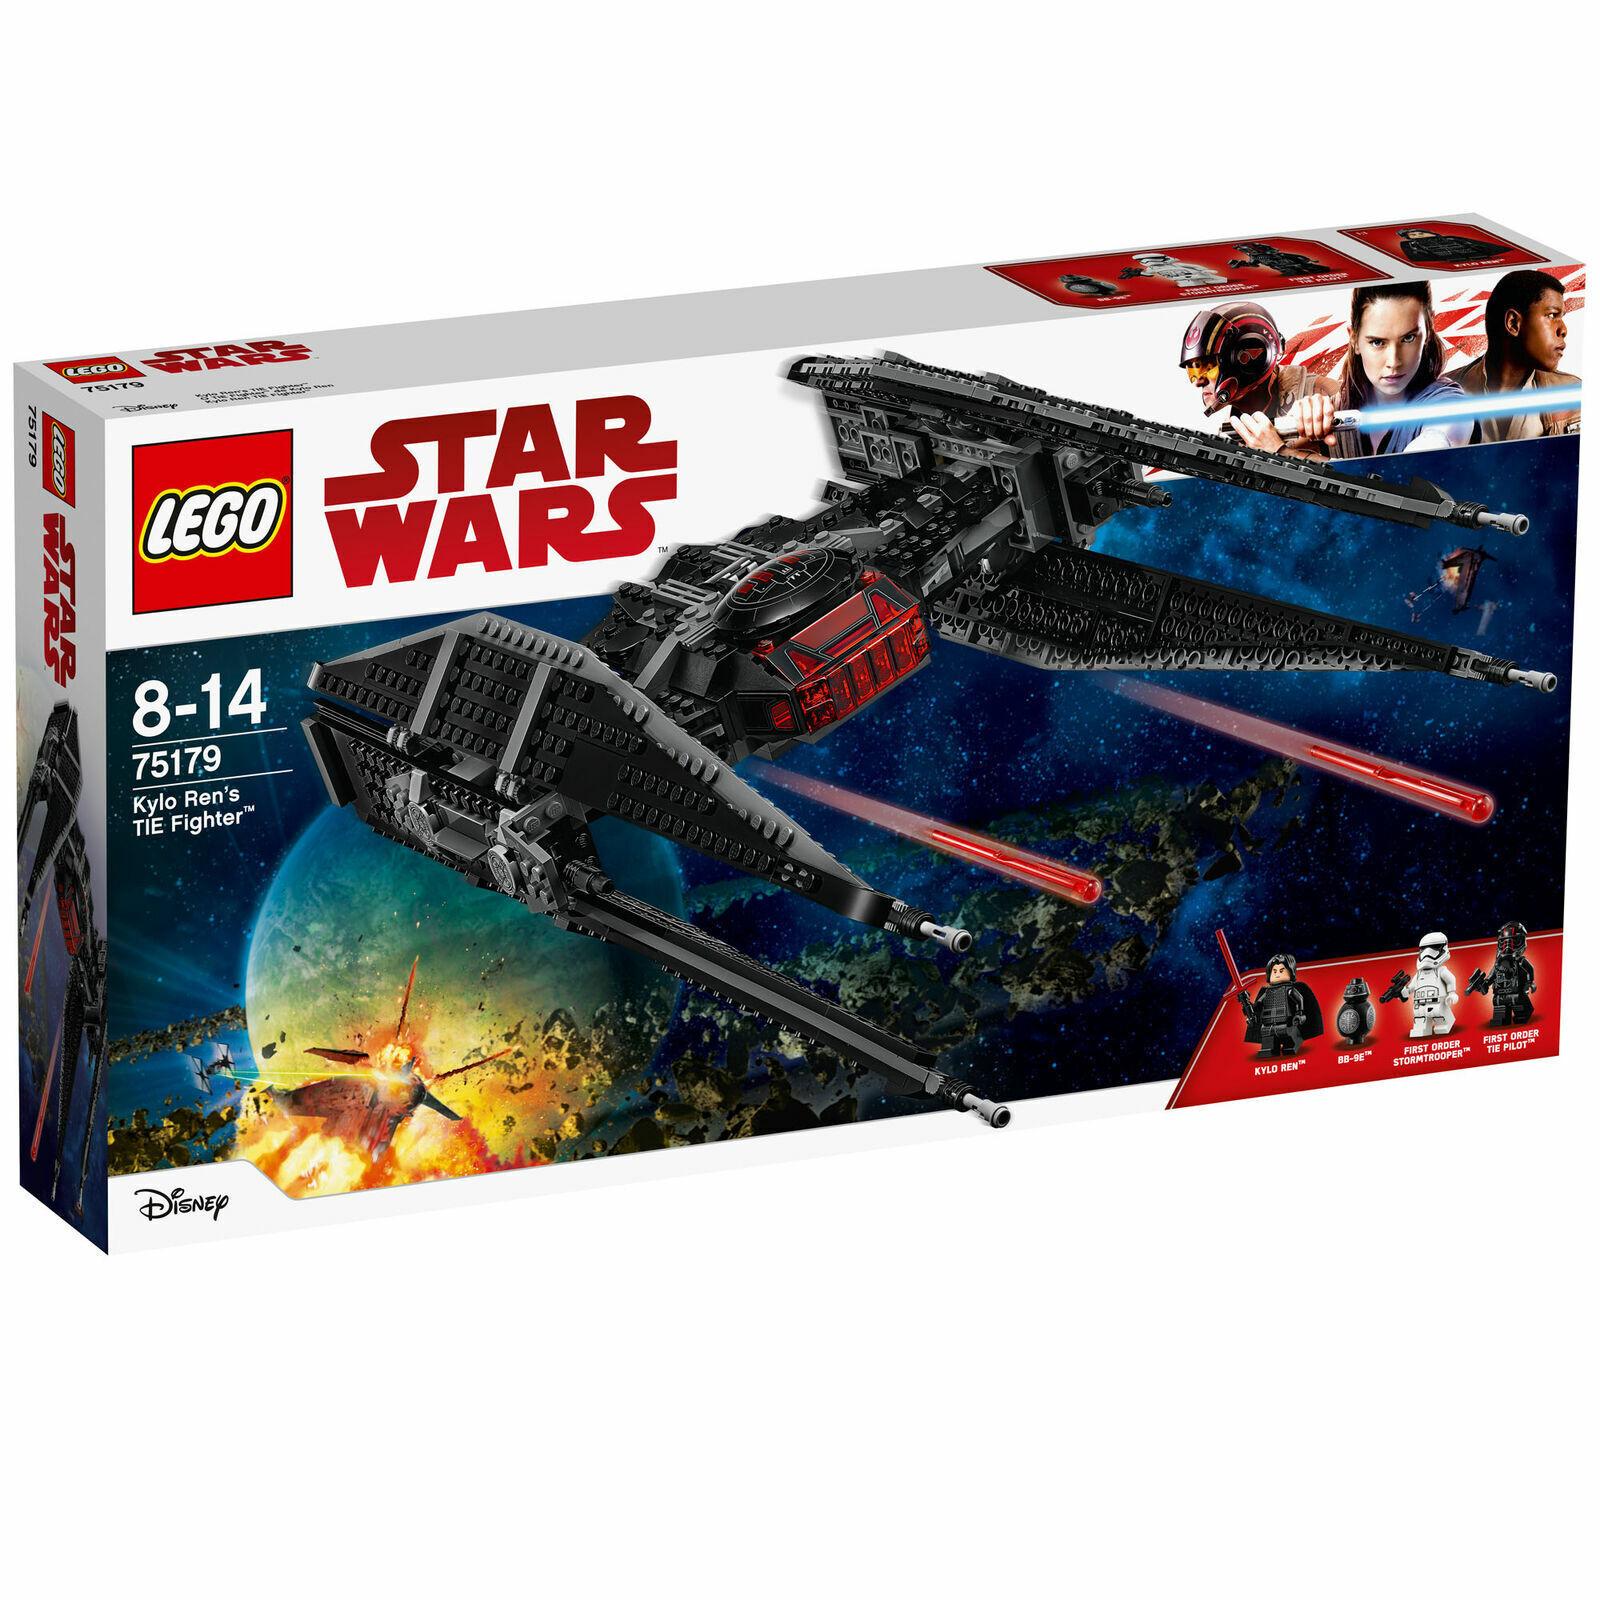 LEGO 75179 estrella guerras kylo REN'S TIE FIGHTER  2017  popolare